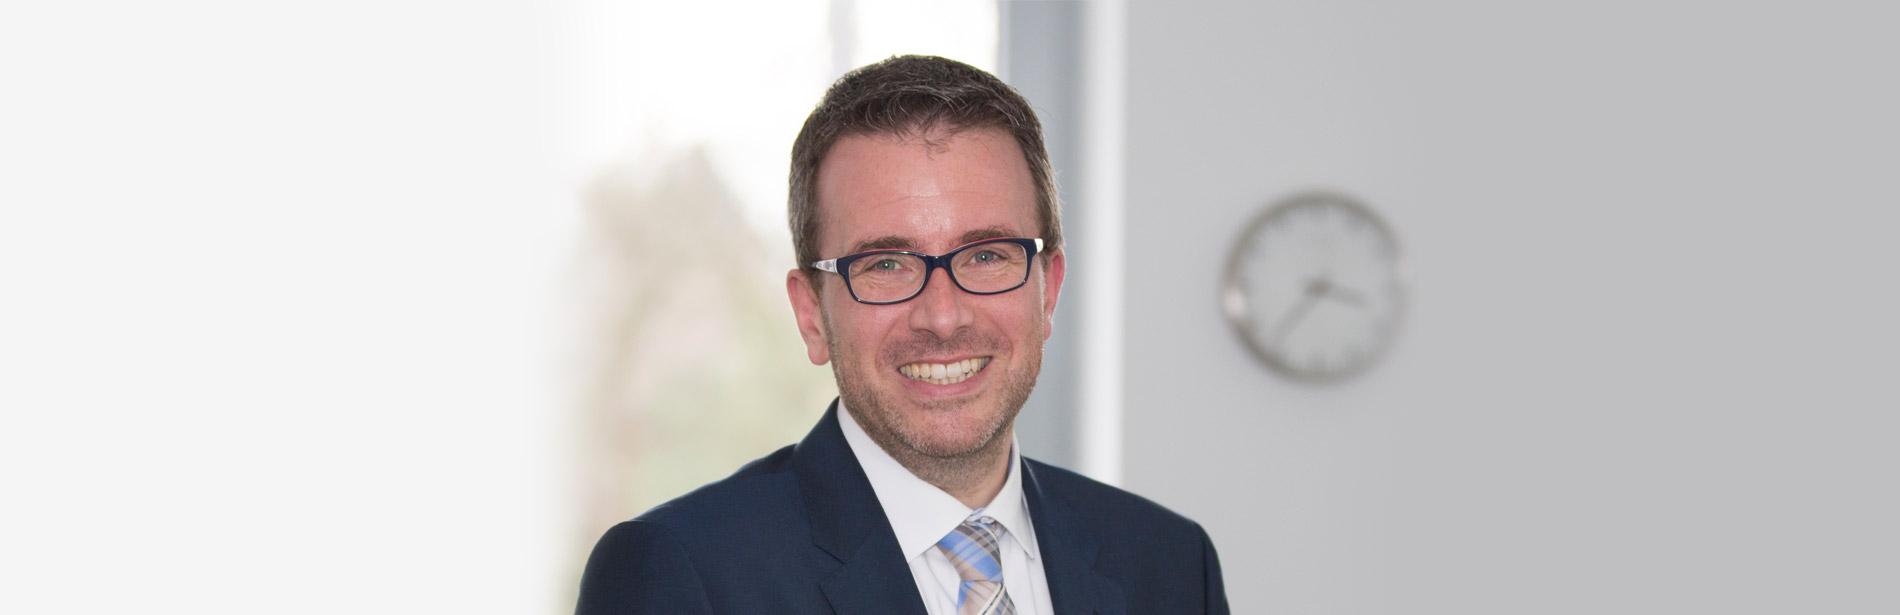 Jens Kassen